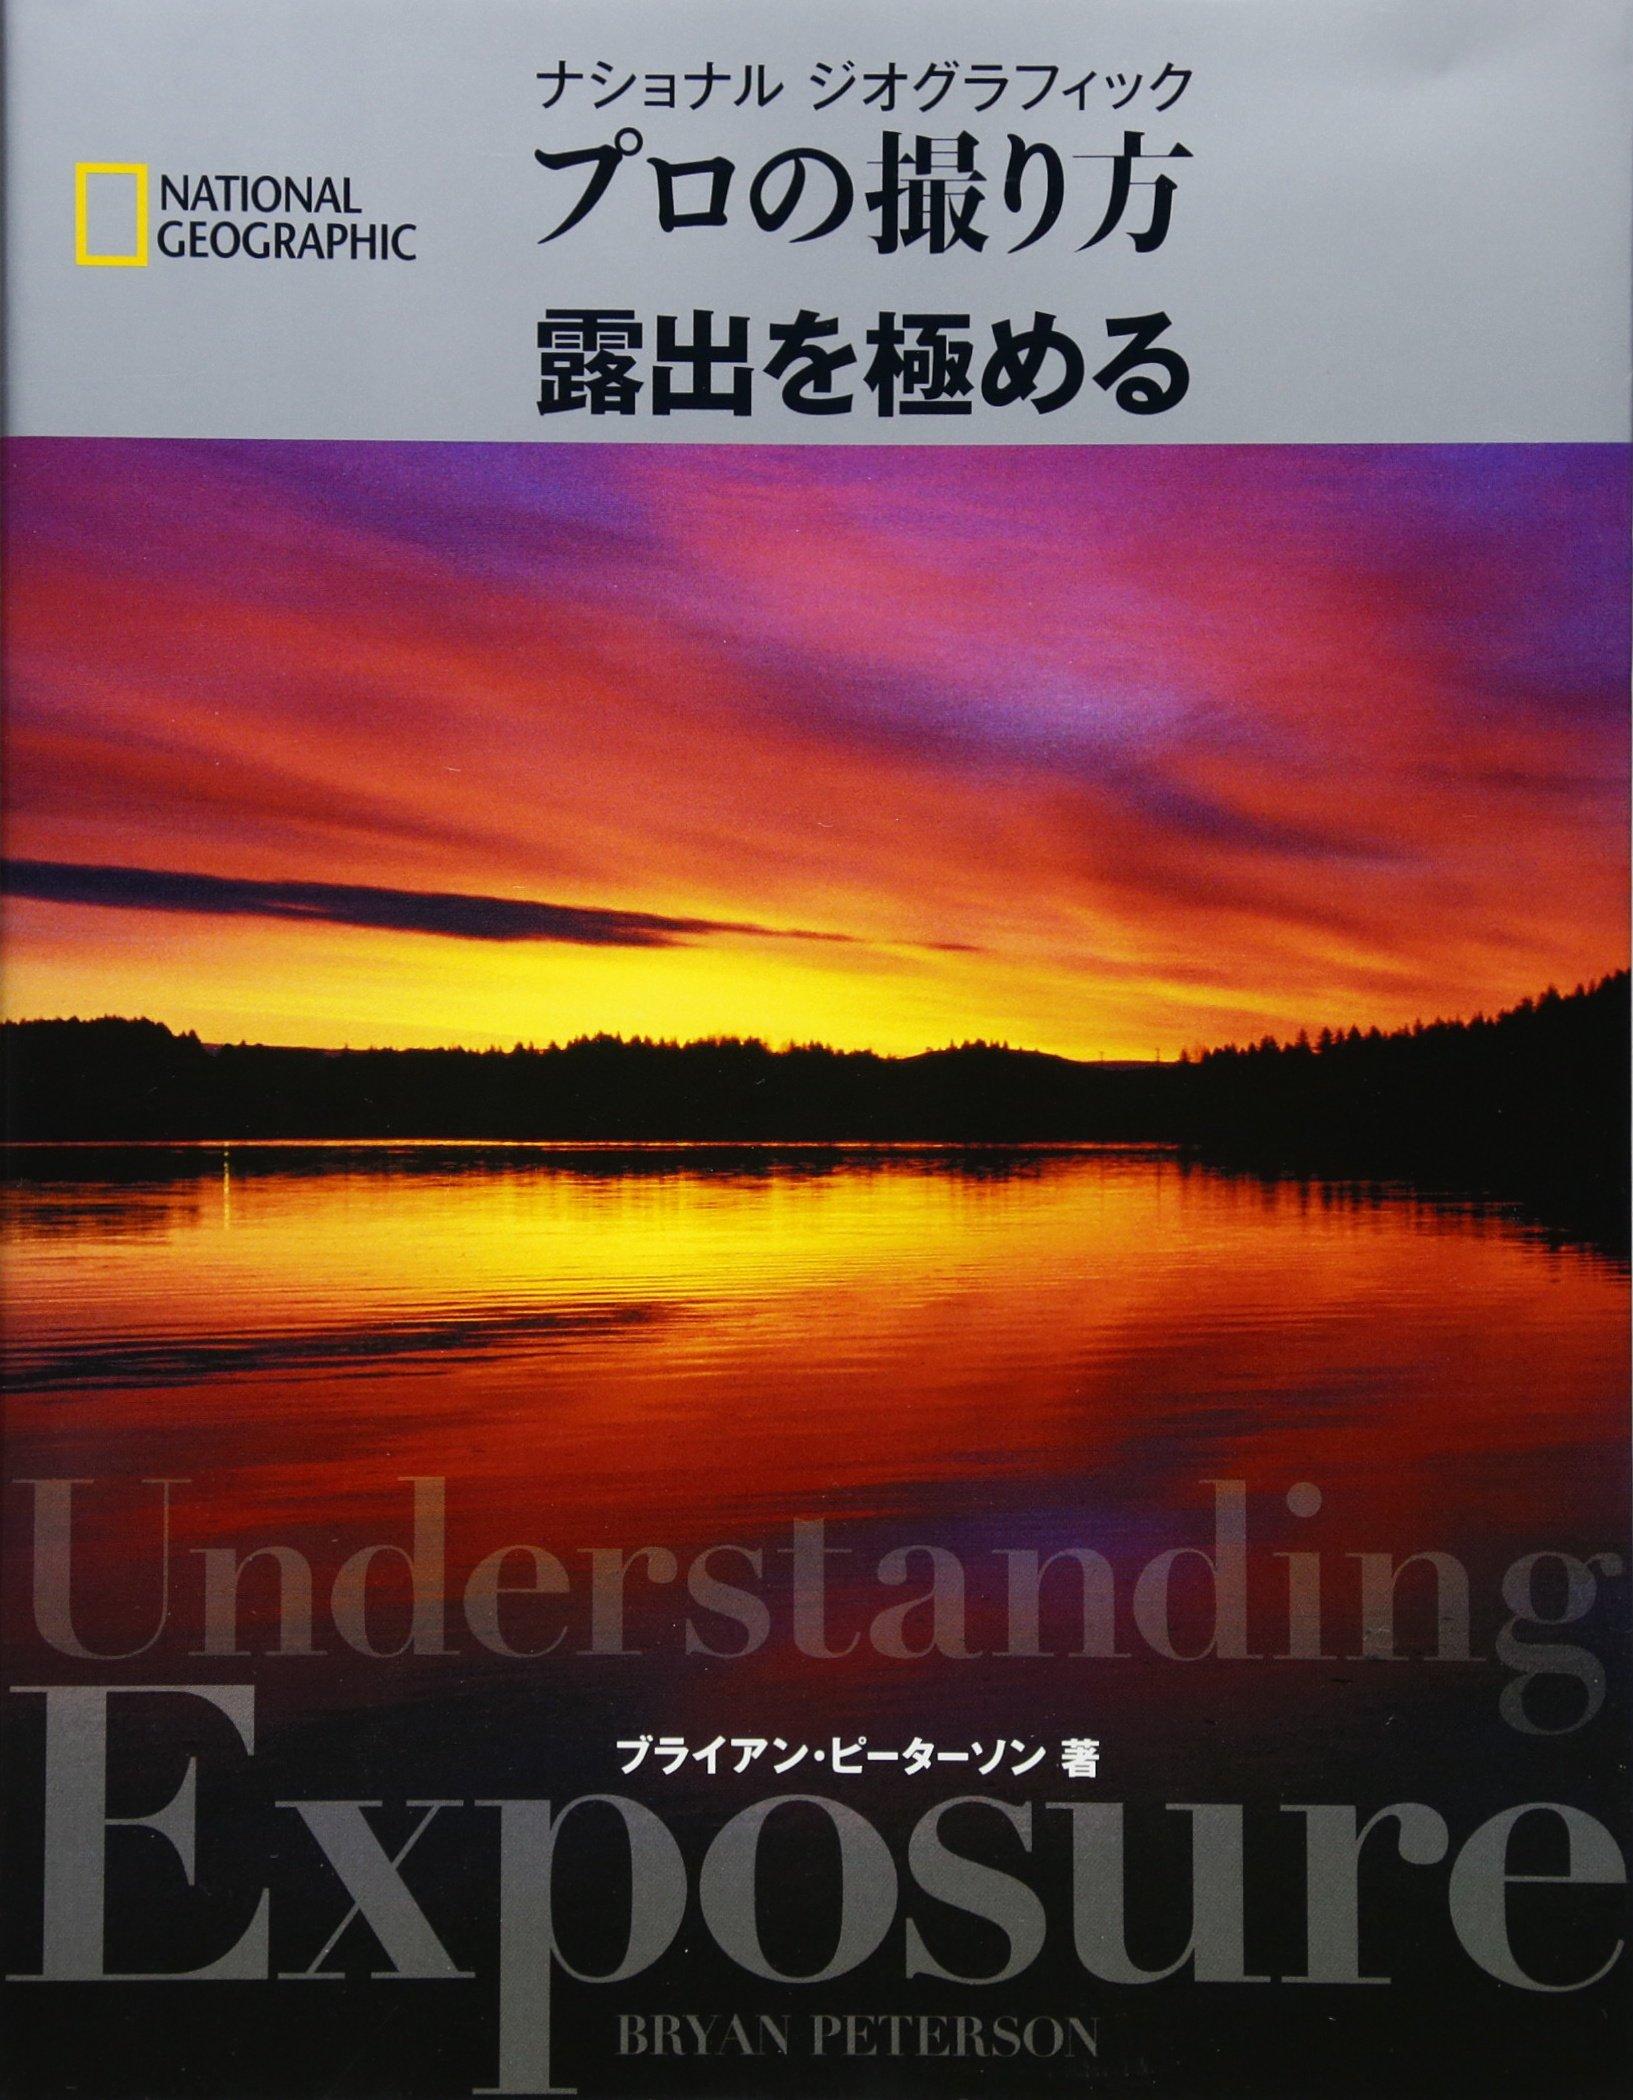 『ナショナルジオグラフィック プロの撮り方 露出を極める』(日経ナショナルジオグラフィック社)